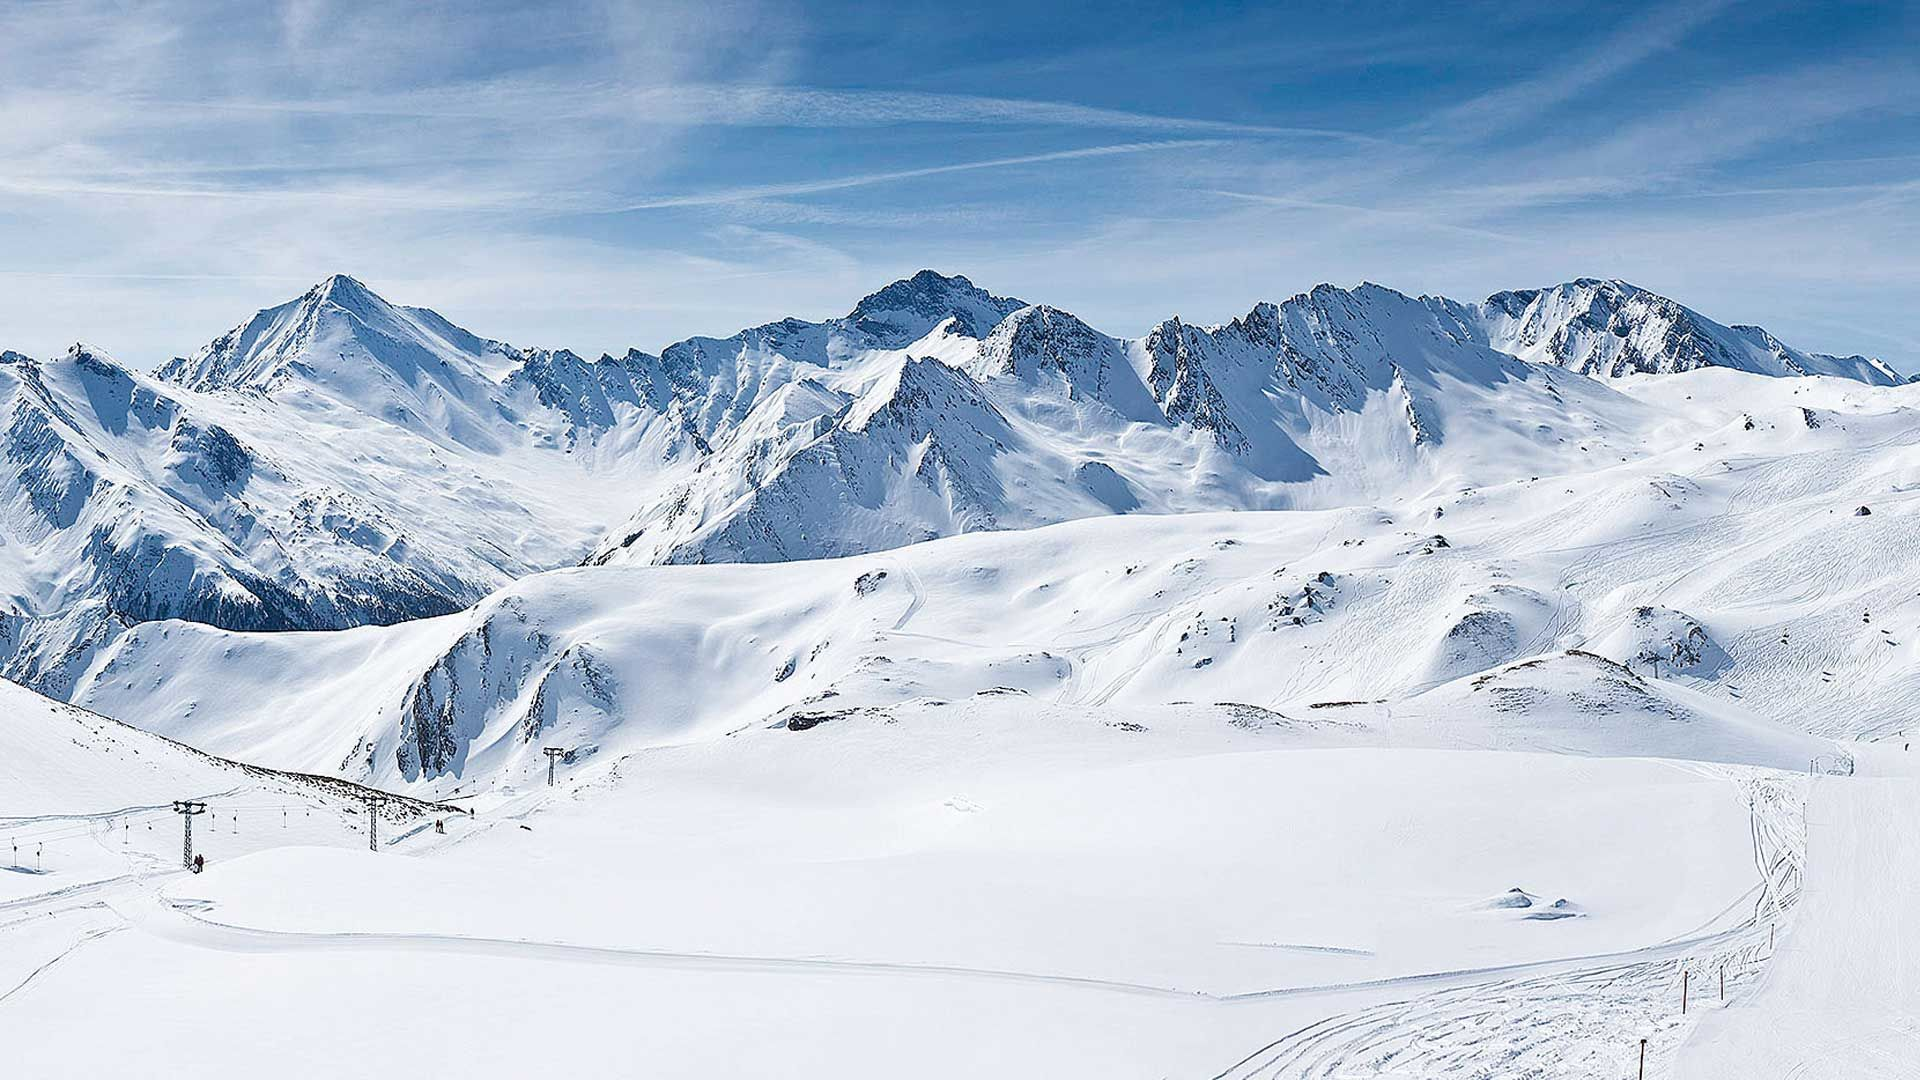 Alpen Life Style Mekka  Skiarena Samnaun-Ischgl